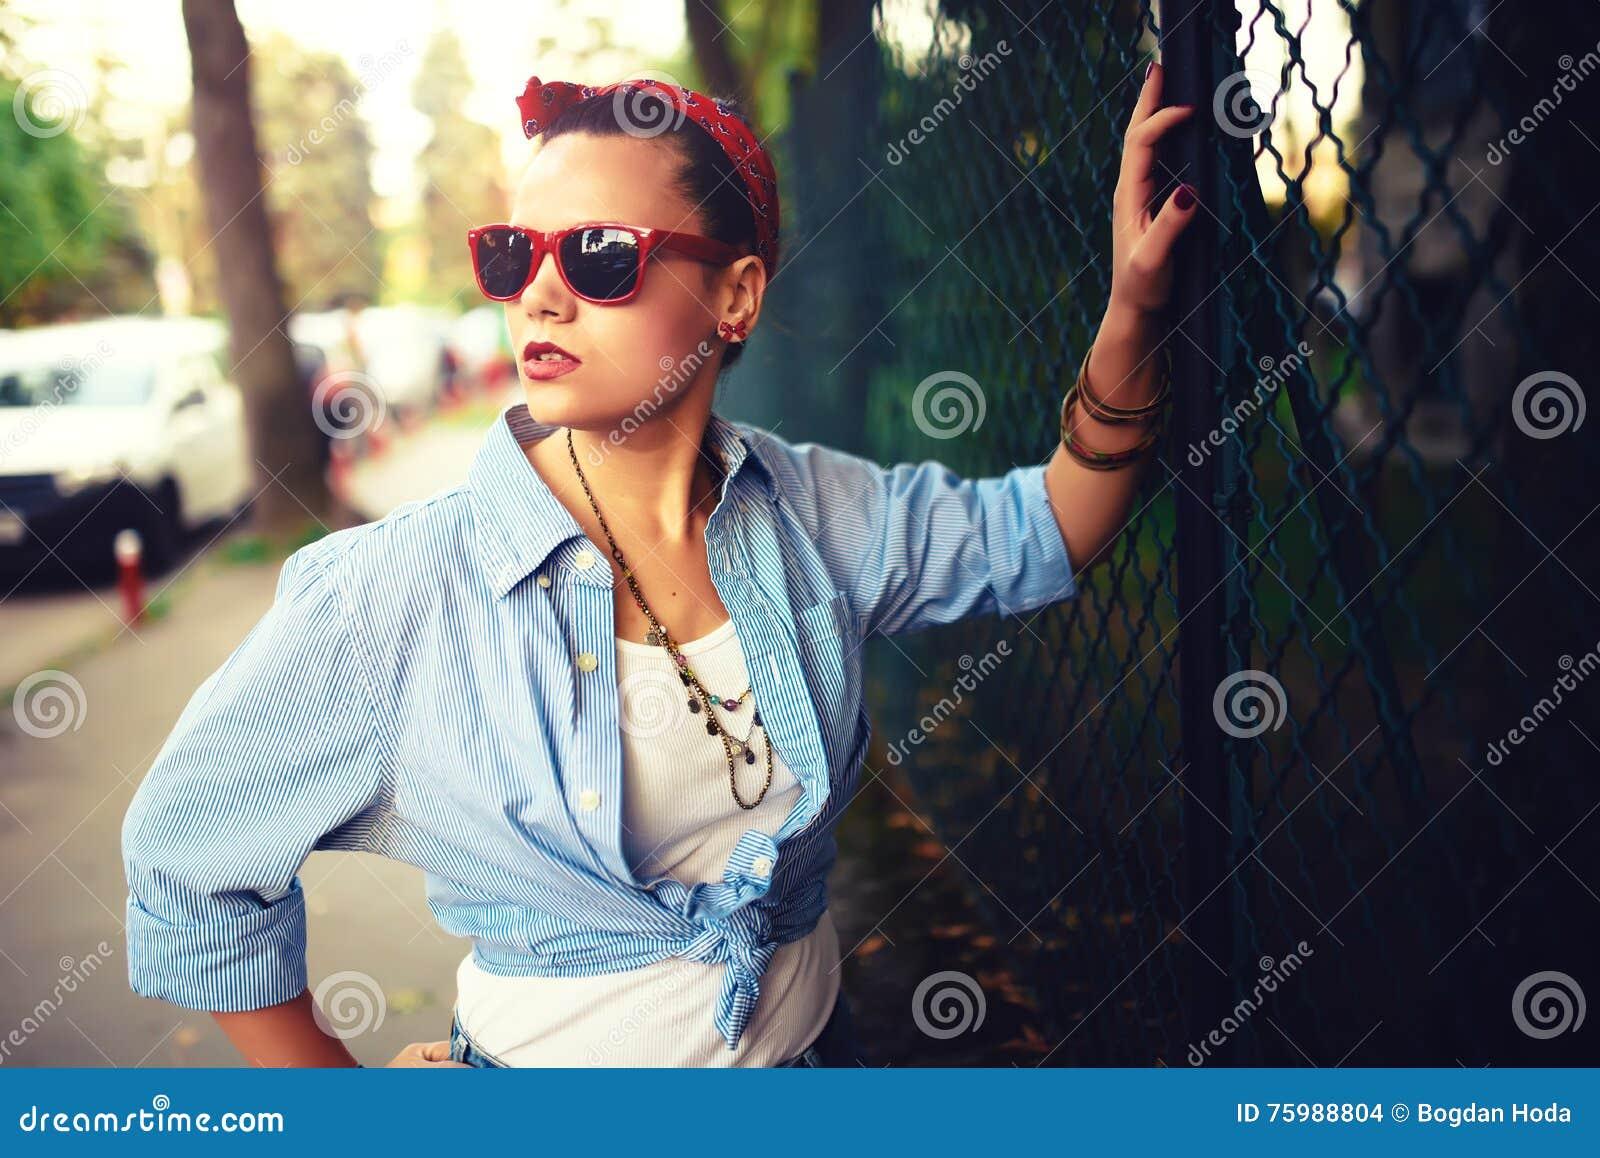 Glückliches Mädchen mit Sonnenbrille auf dem städtischen Hintergrund Junge Fantasie, flippige aktive Leute Draußen Porträt